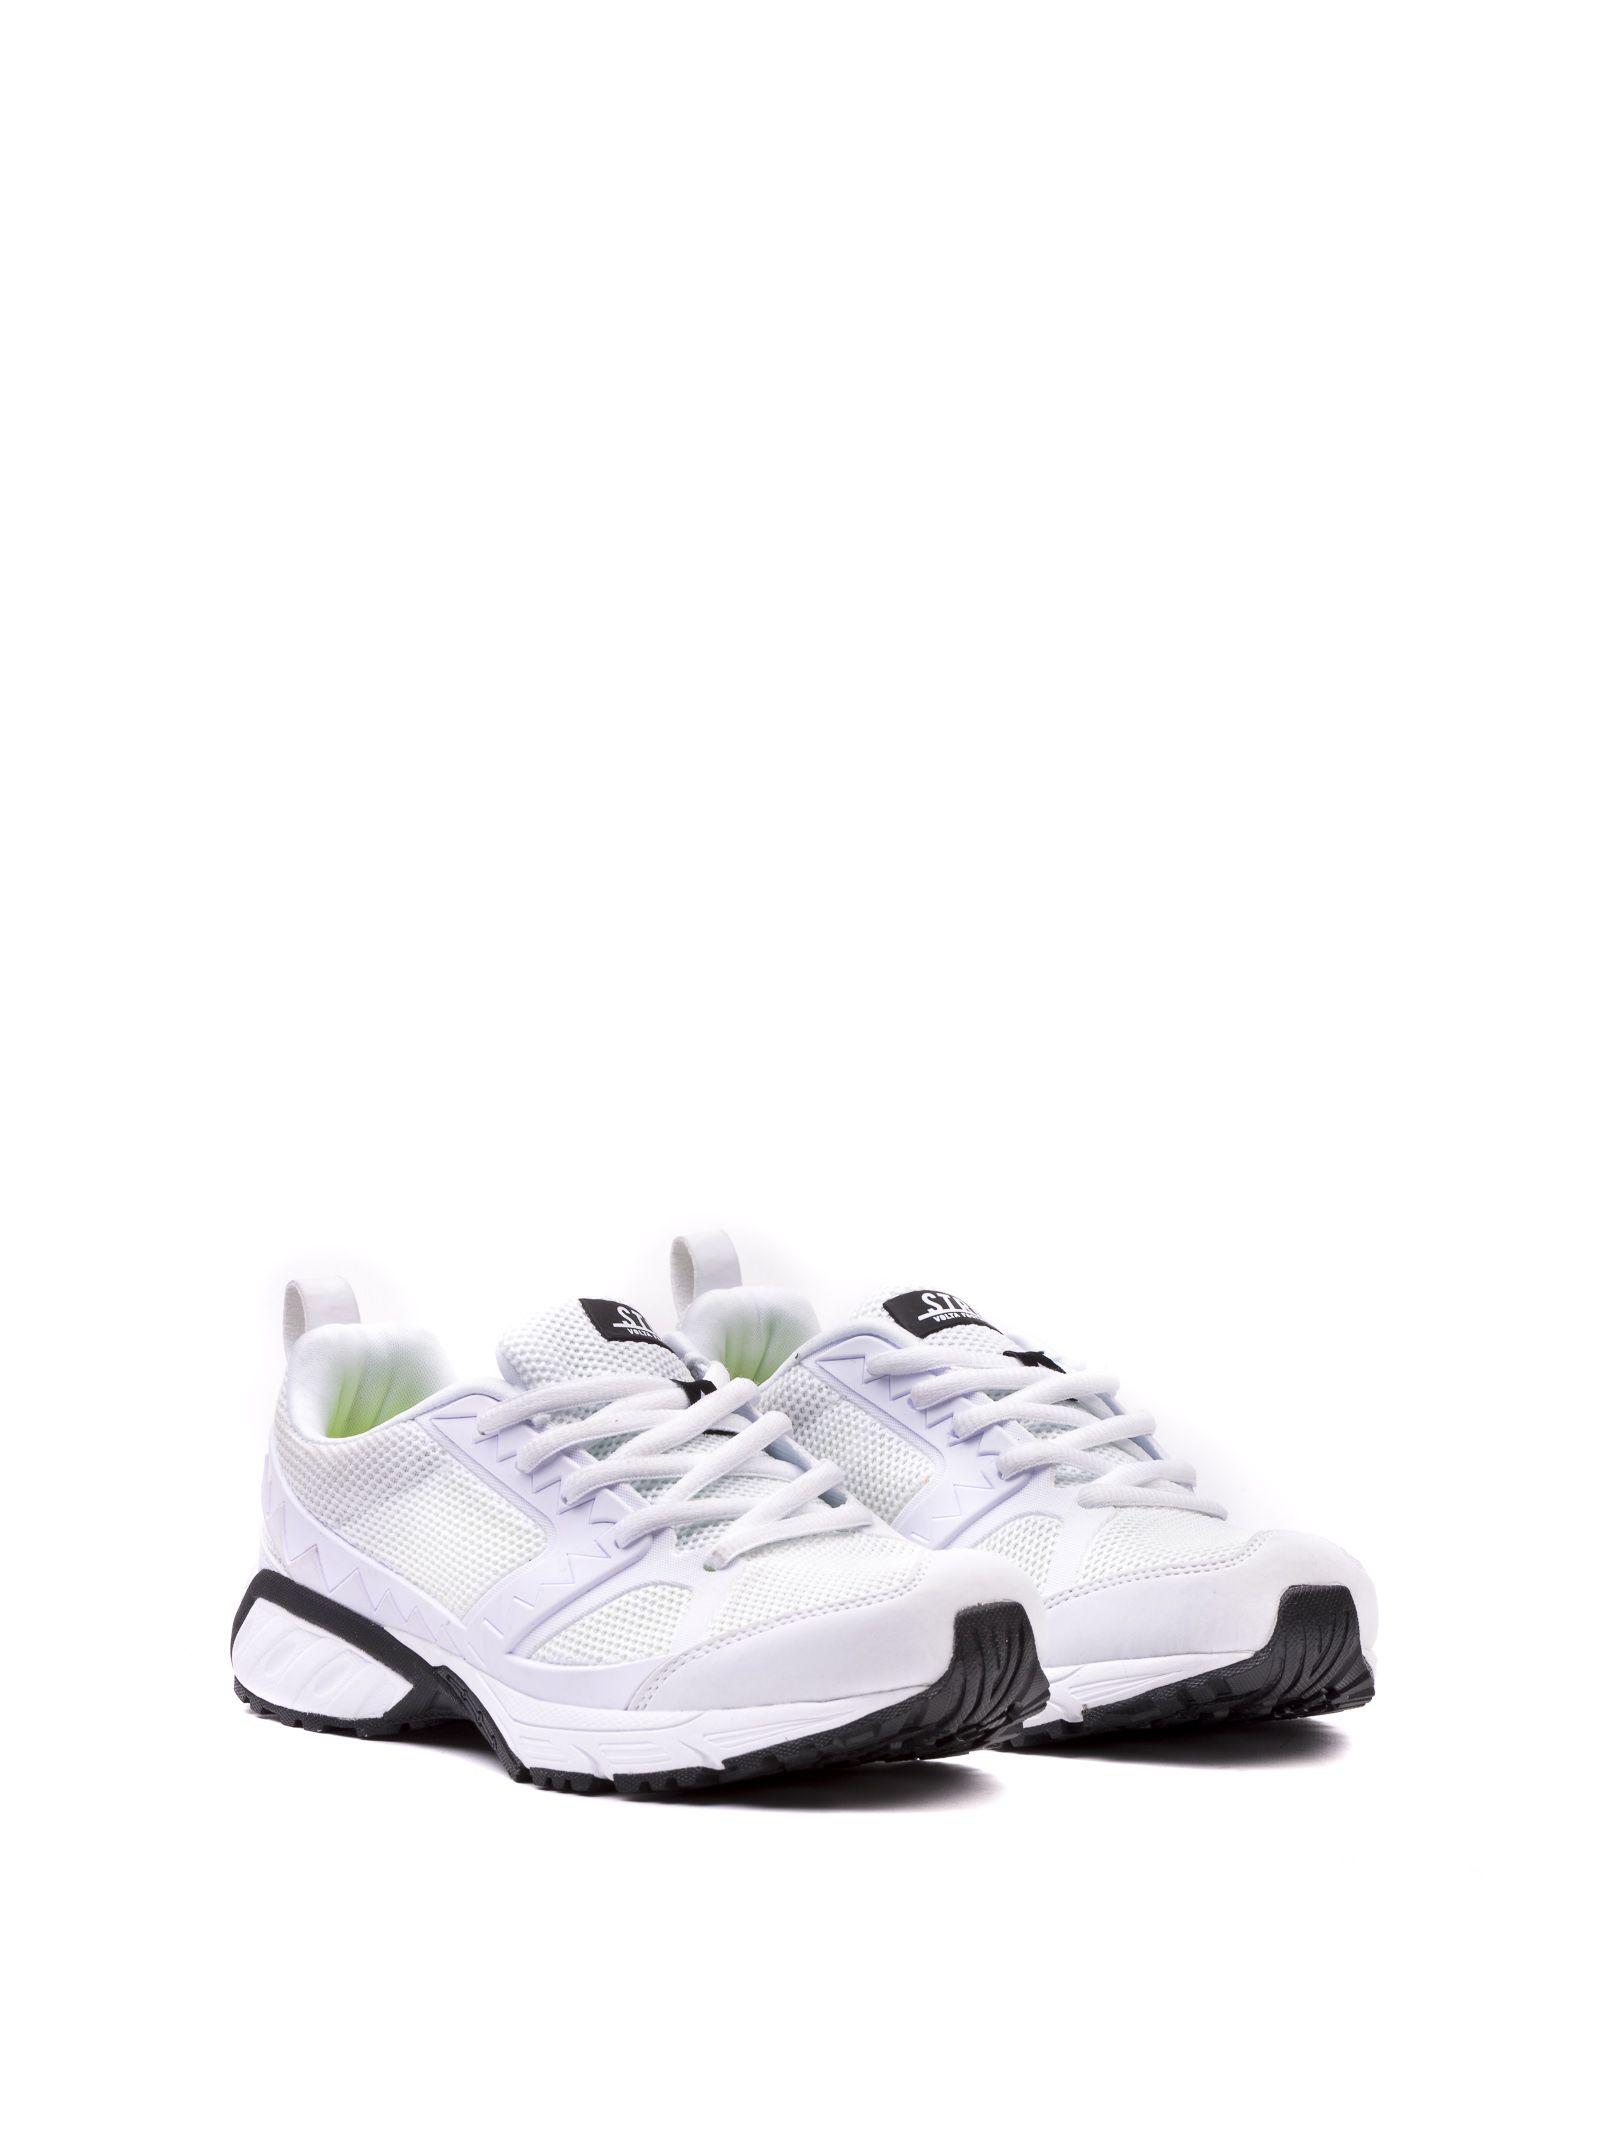 Volta Terra Décor Sneakers - Volta - Touch